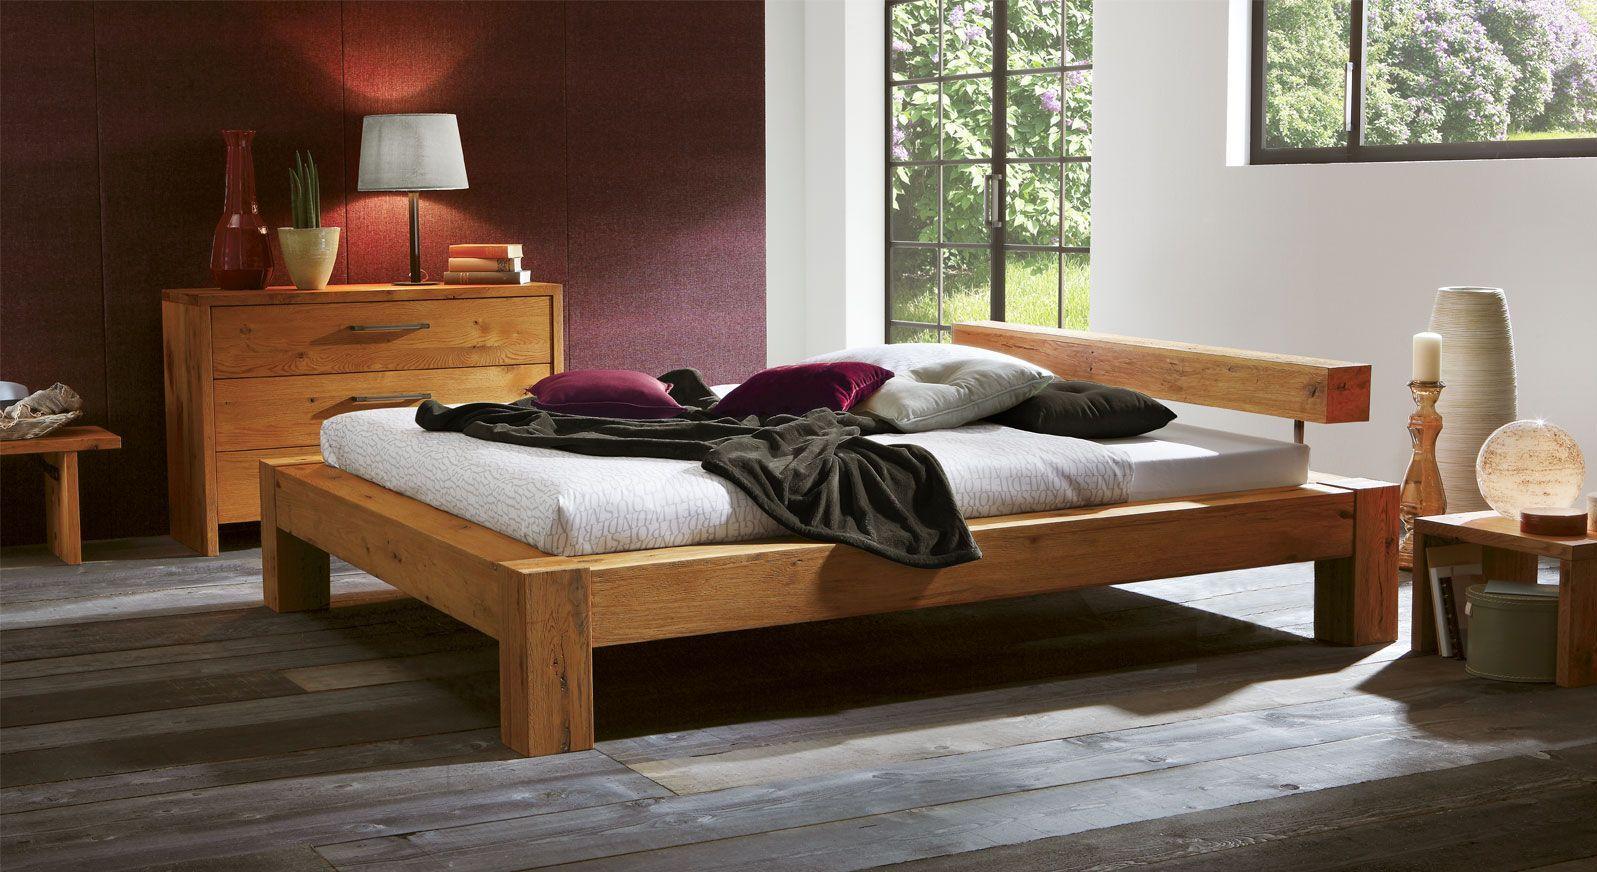 Passende Produkte zu Bett Rustico